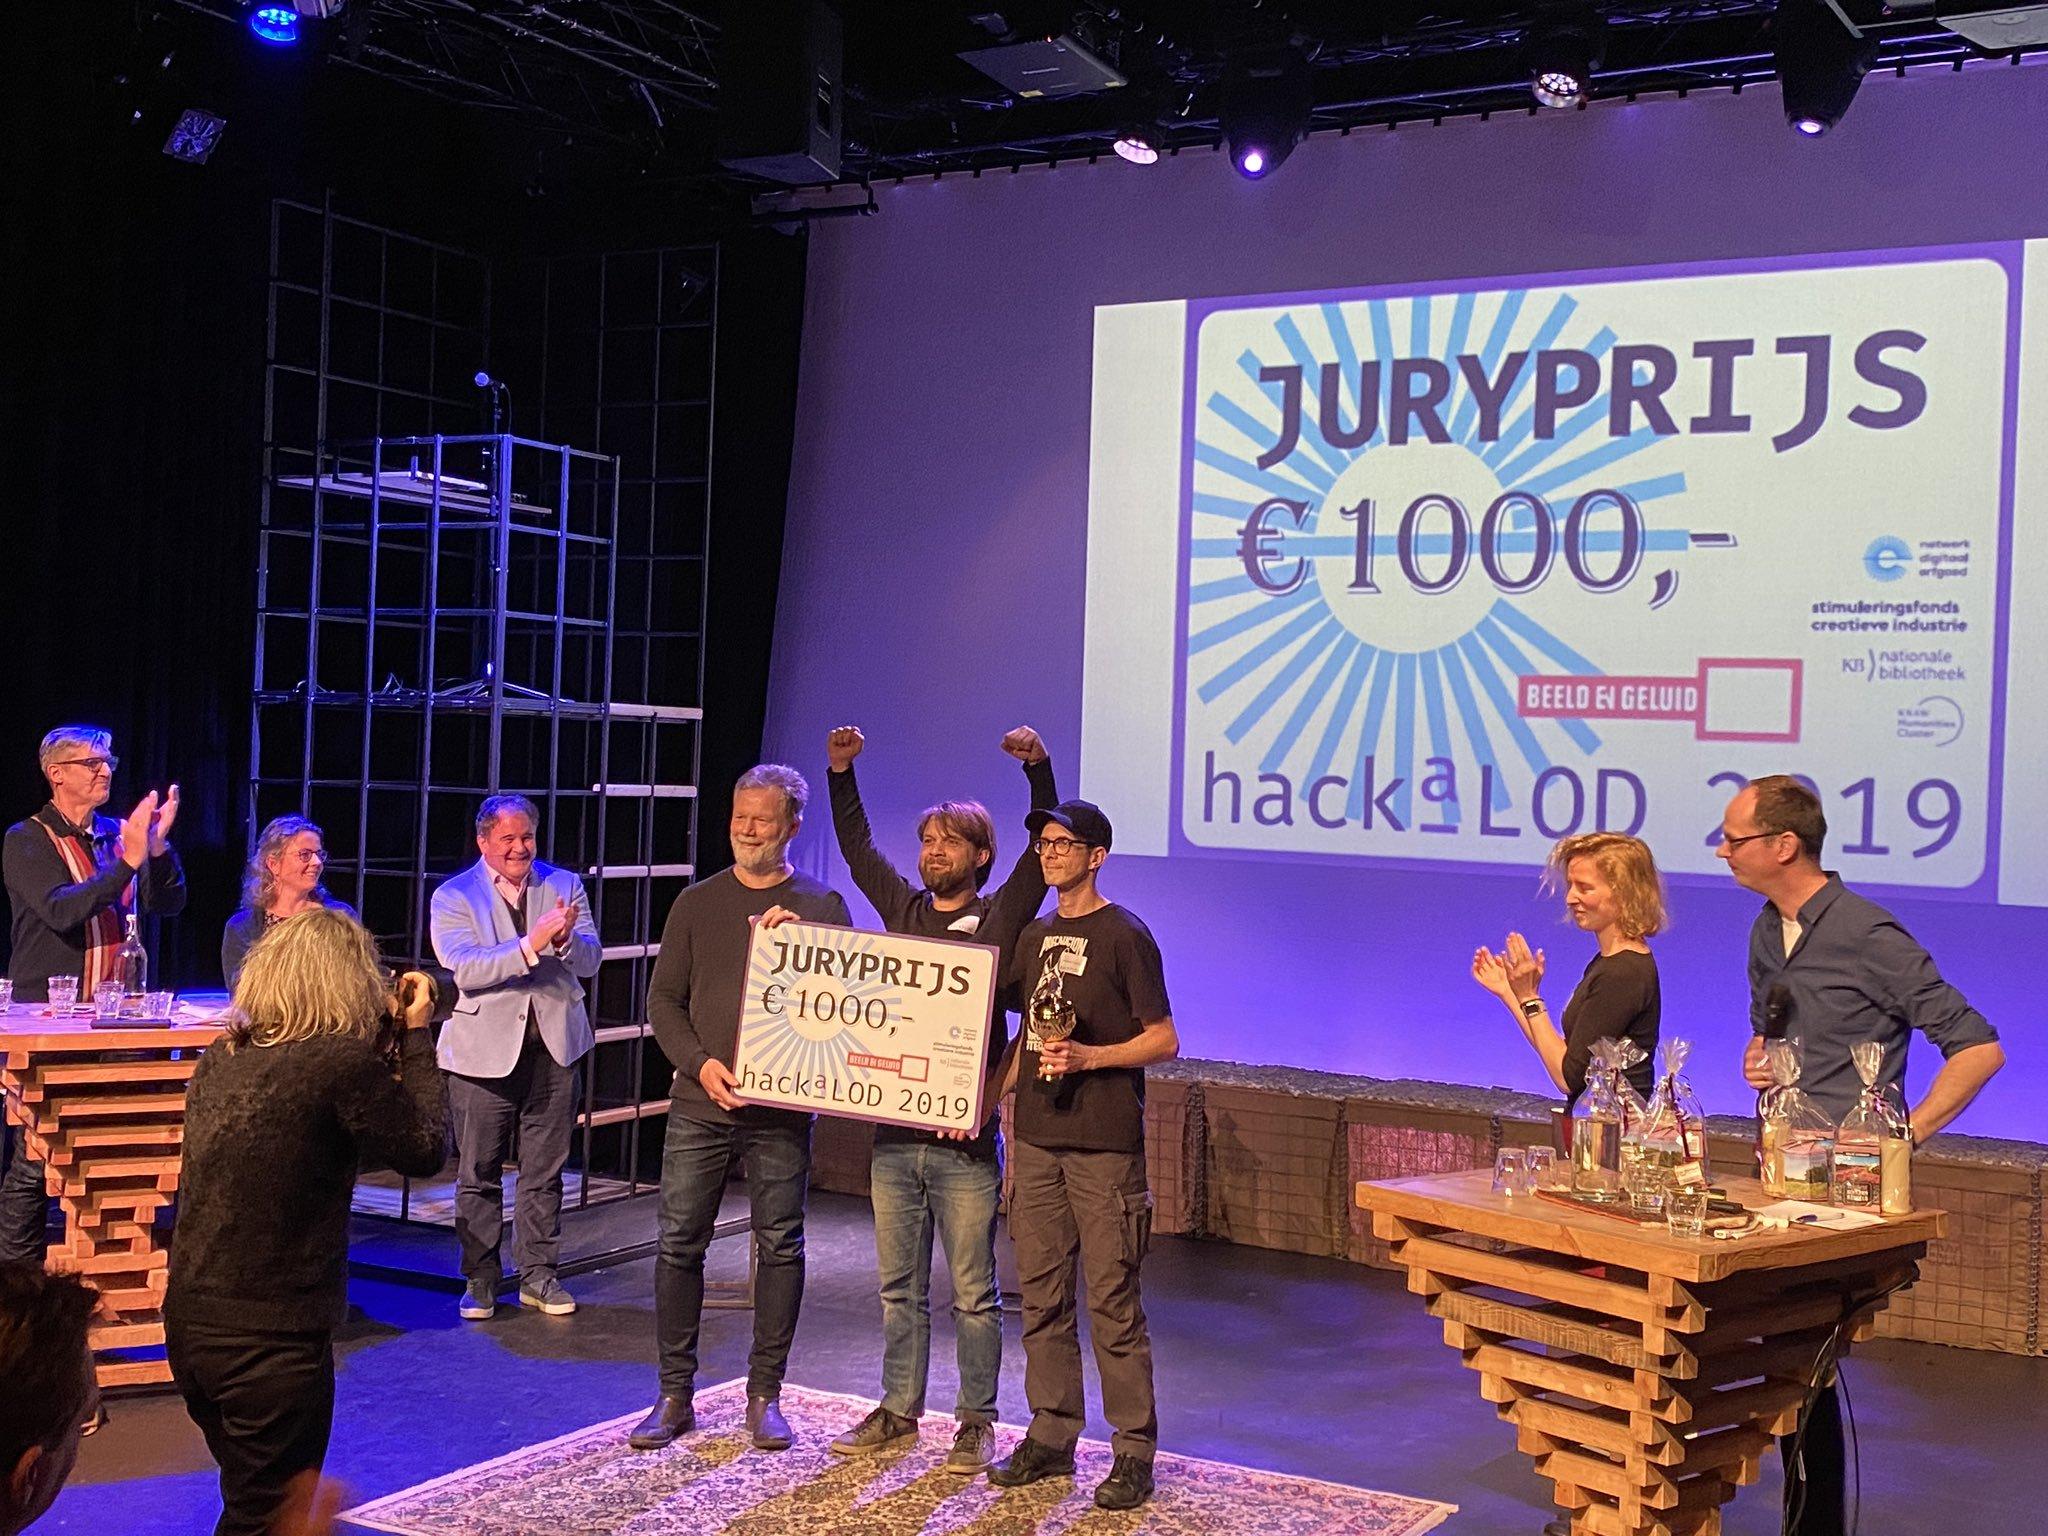 winnaars_JHackaLOD_2019[1]